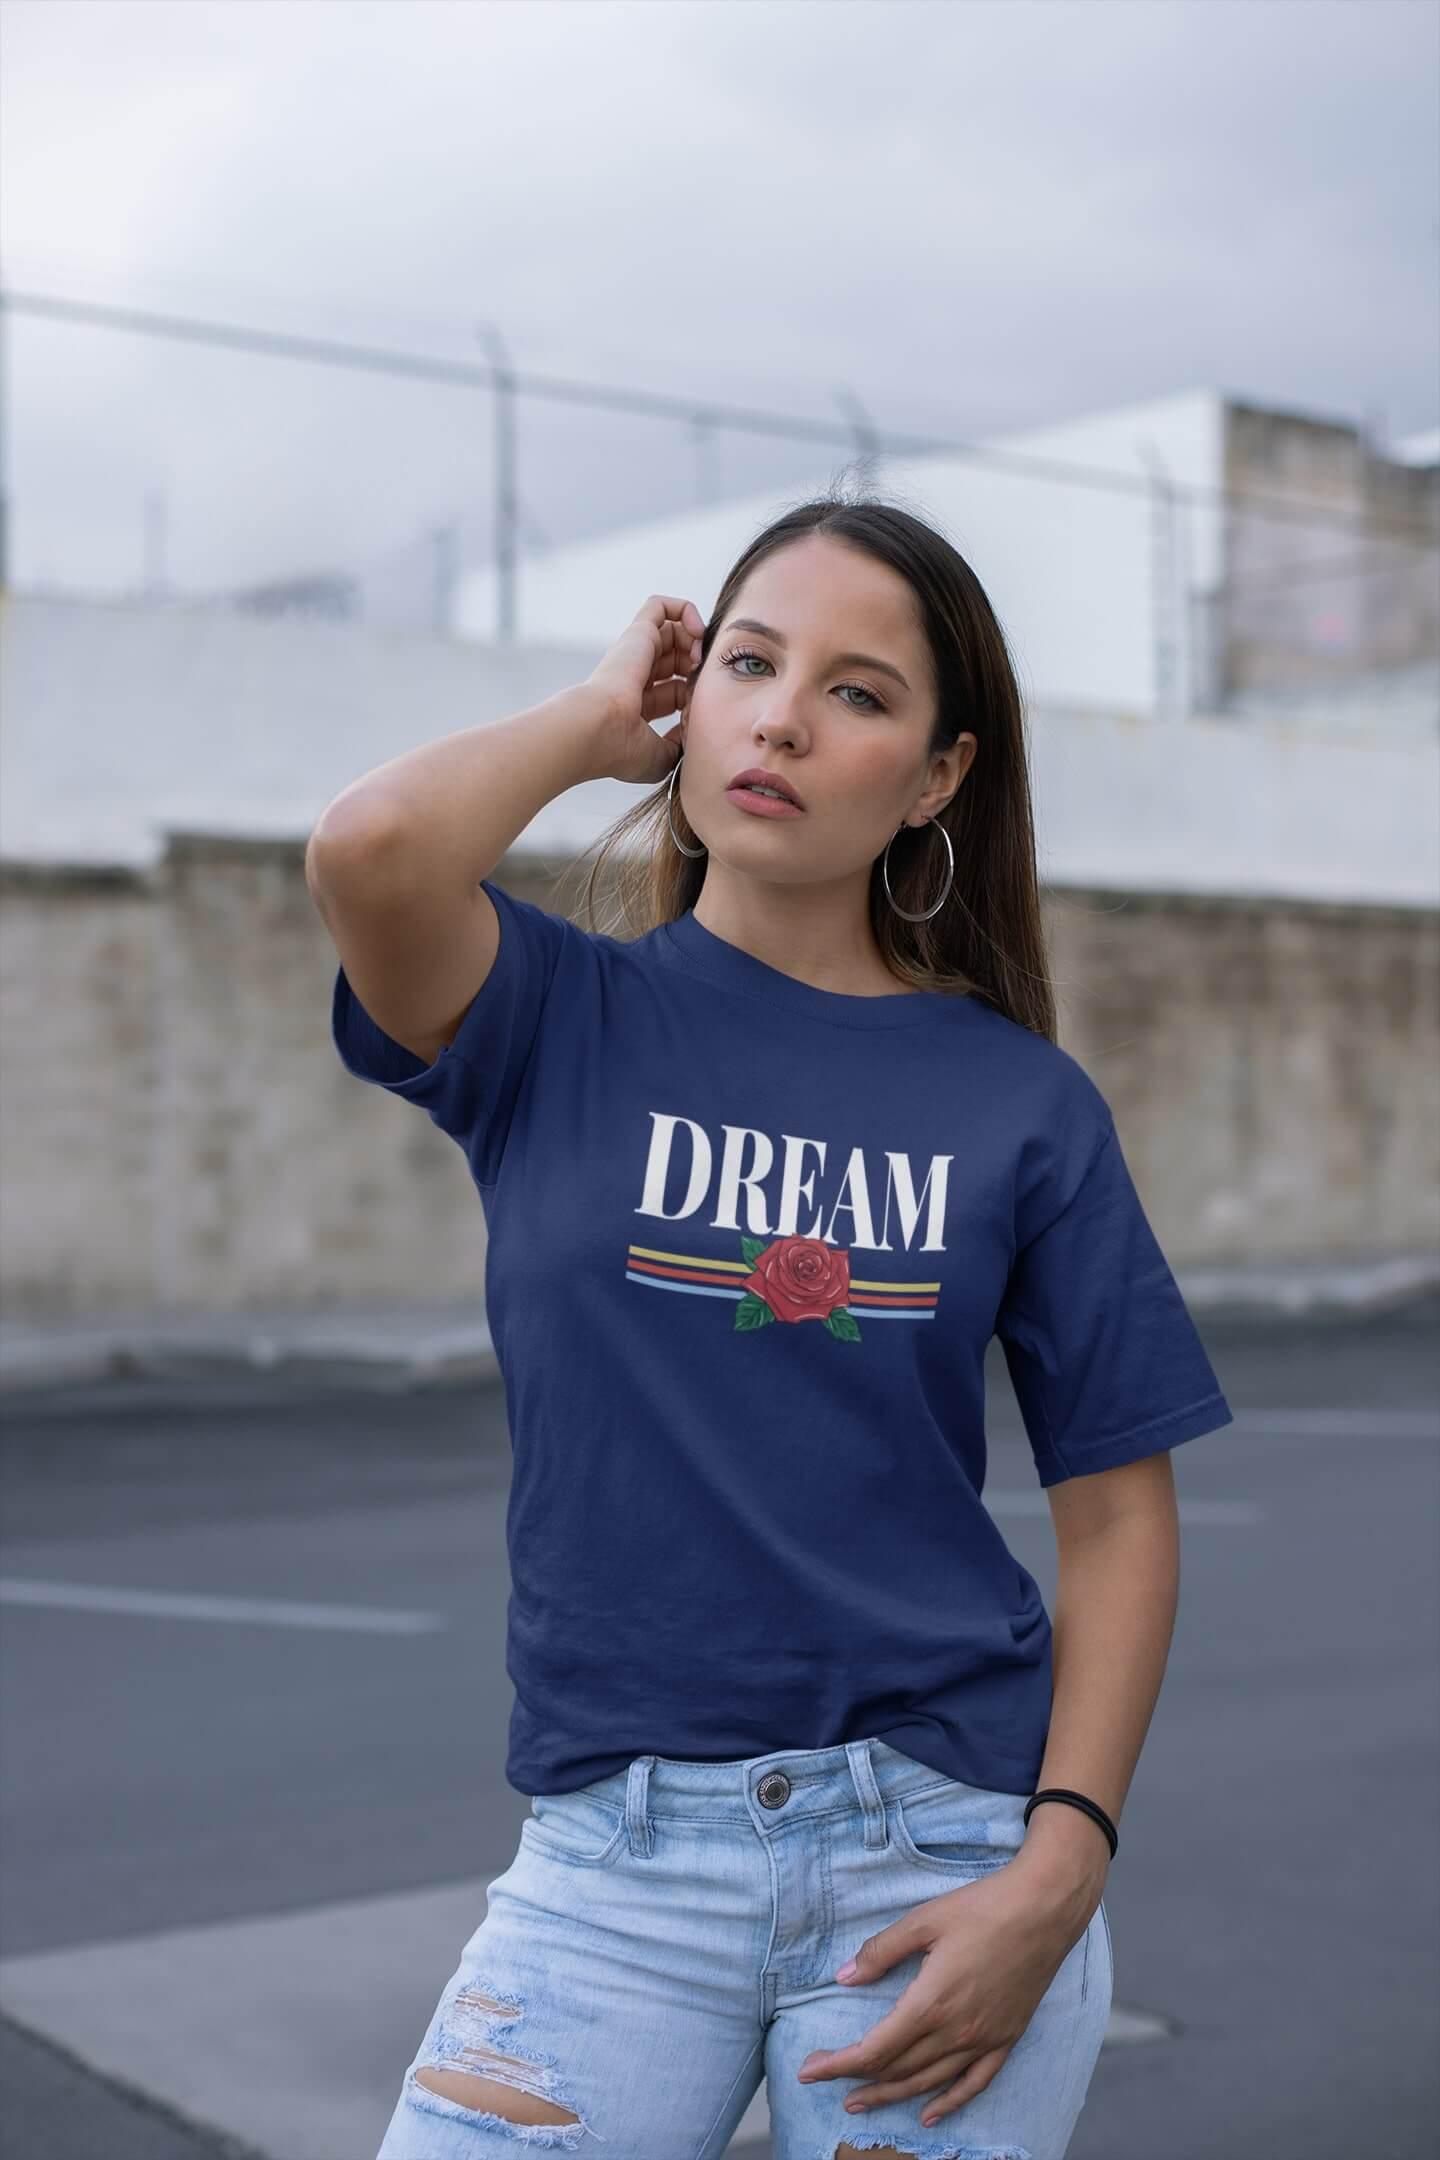 MMO Dámske tričko Dream Vyberte farbu: Polnočná modrá, Vyberte veľkosť: M